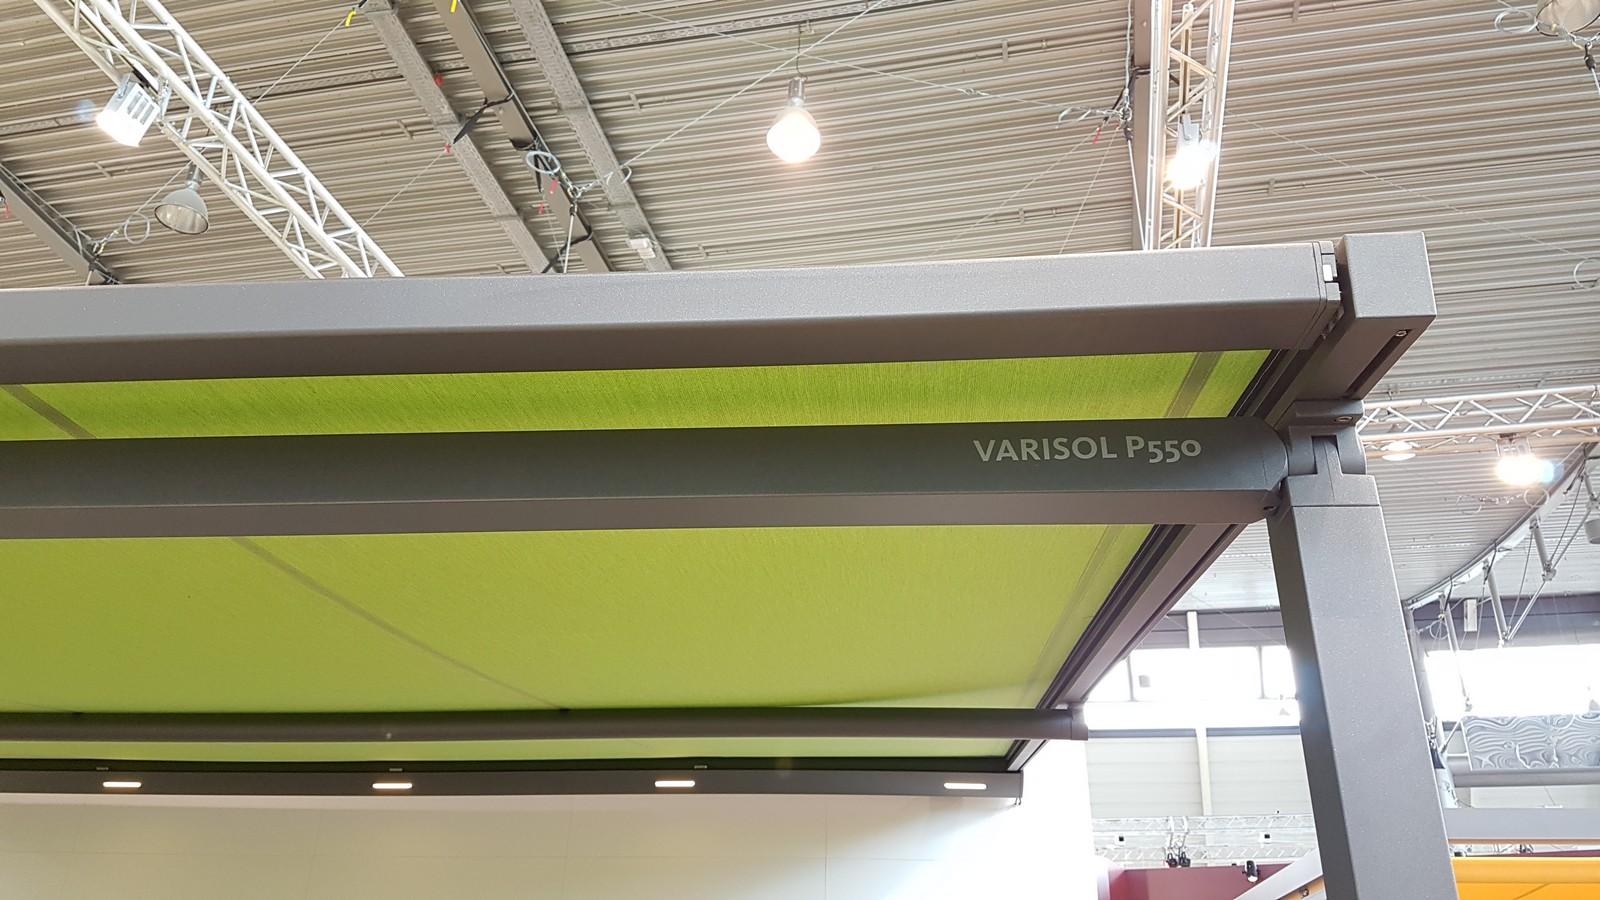 Varisol Pergolamarkise P550